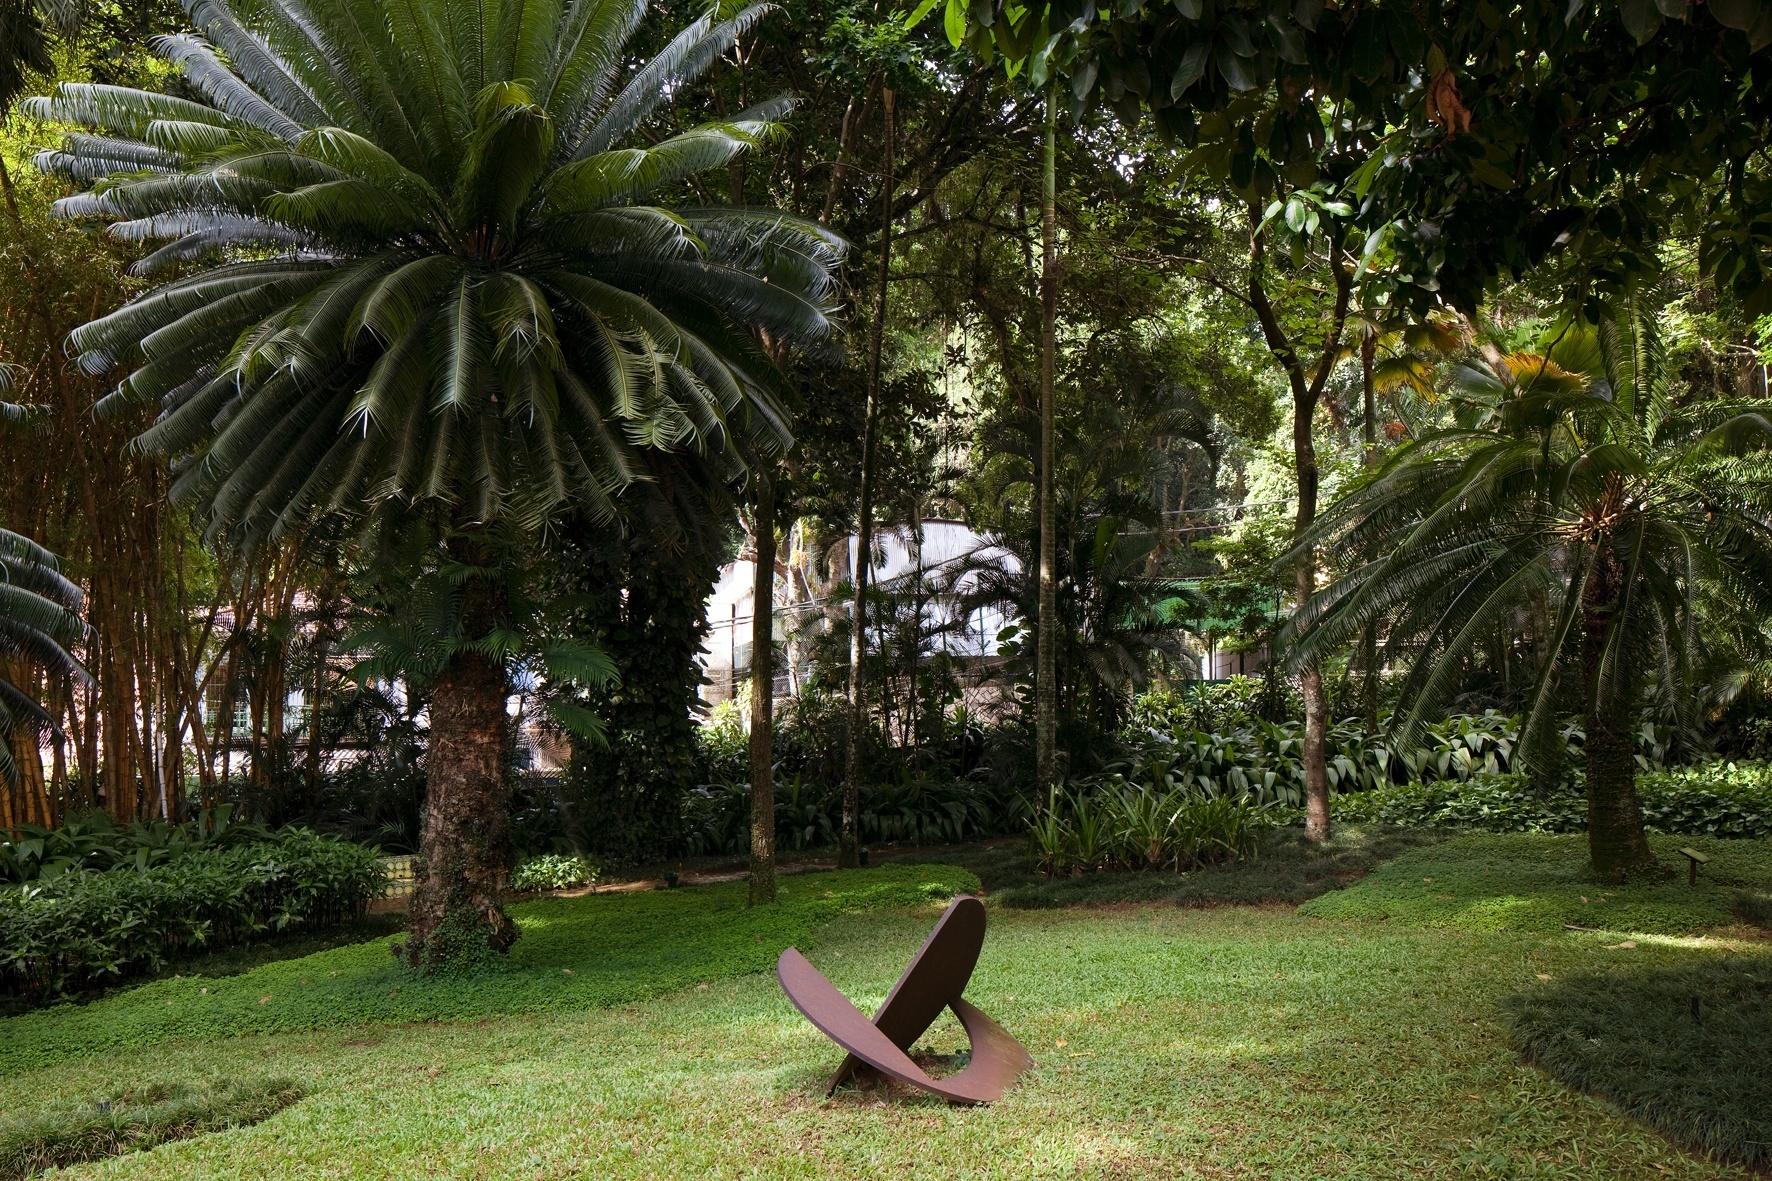 O jardim de entrada da residência Walter Moreira Salles, no Rio de Janeiro, tem área de meia-sombra com canteiros sinuosos compostos de pelo-de-urso e outros tipos de grama. Jaqueiras gigantes, ao lado de jambeiros e do jasmim-manga de flores rosadas são exemplares da Mata Atlântica usados no paisagismo dessa ampla recepção, projetada nos anos 1950 por Roberto Burle Marx